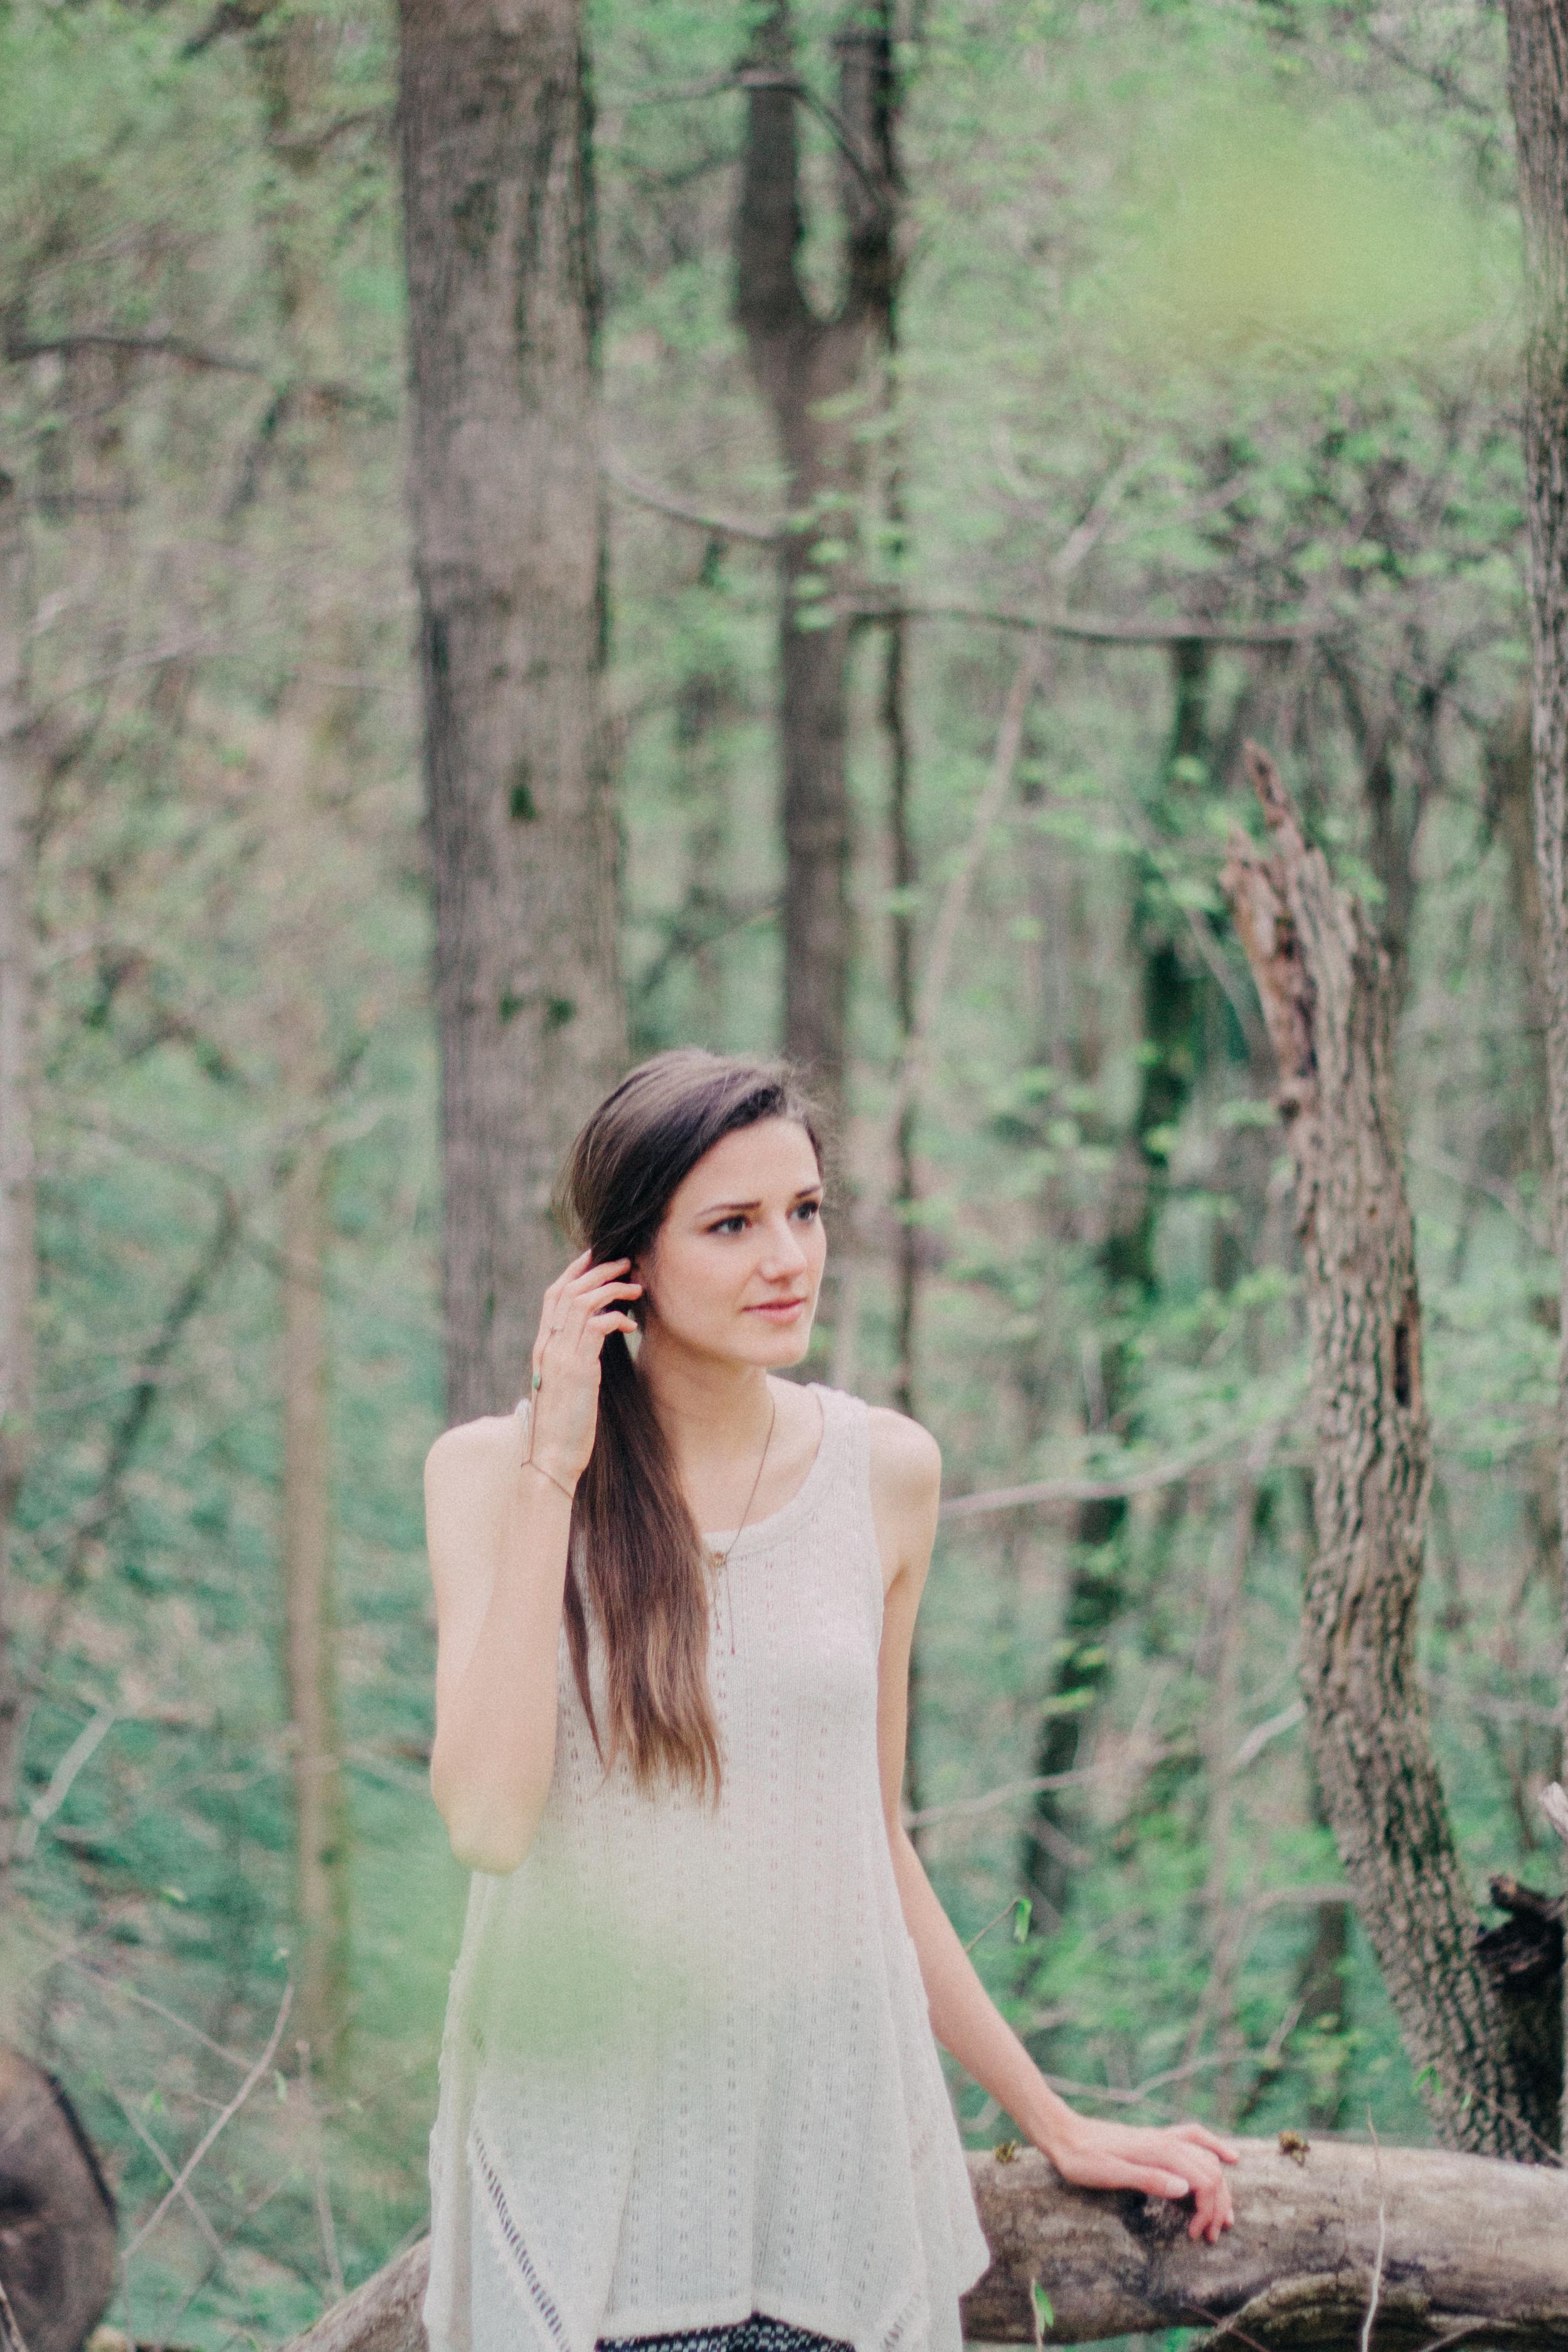 KALINA_FOREST-72.jpg